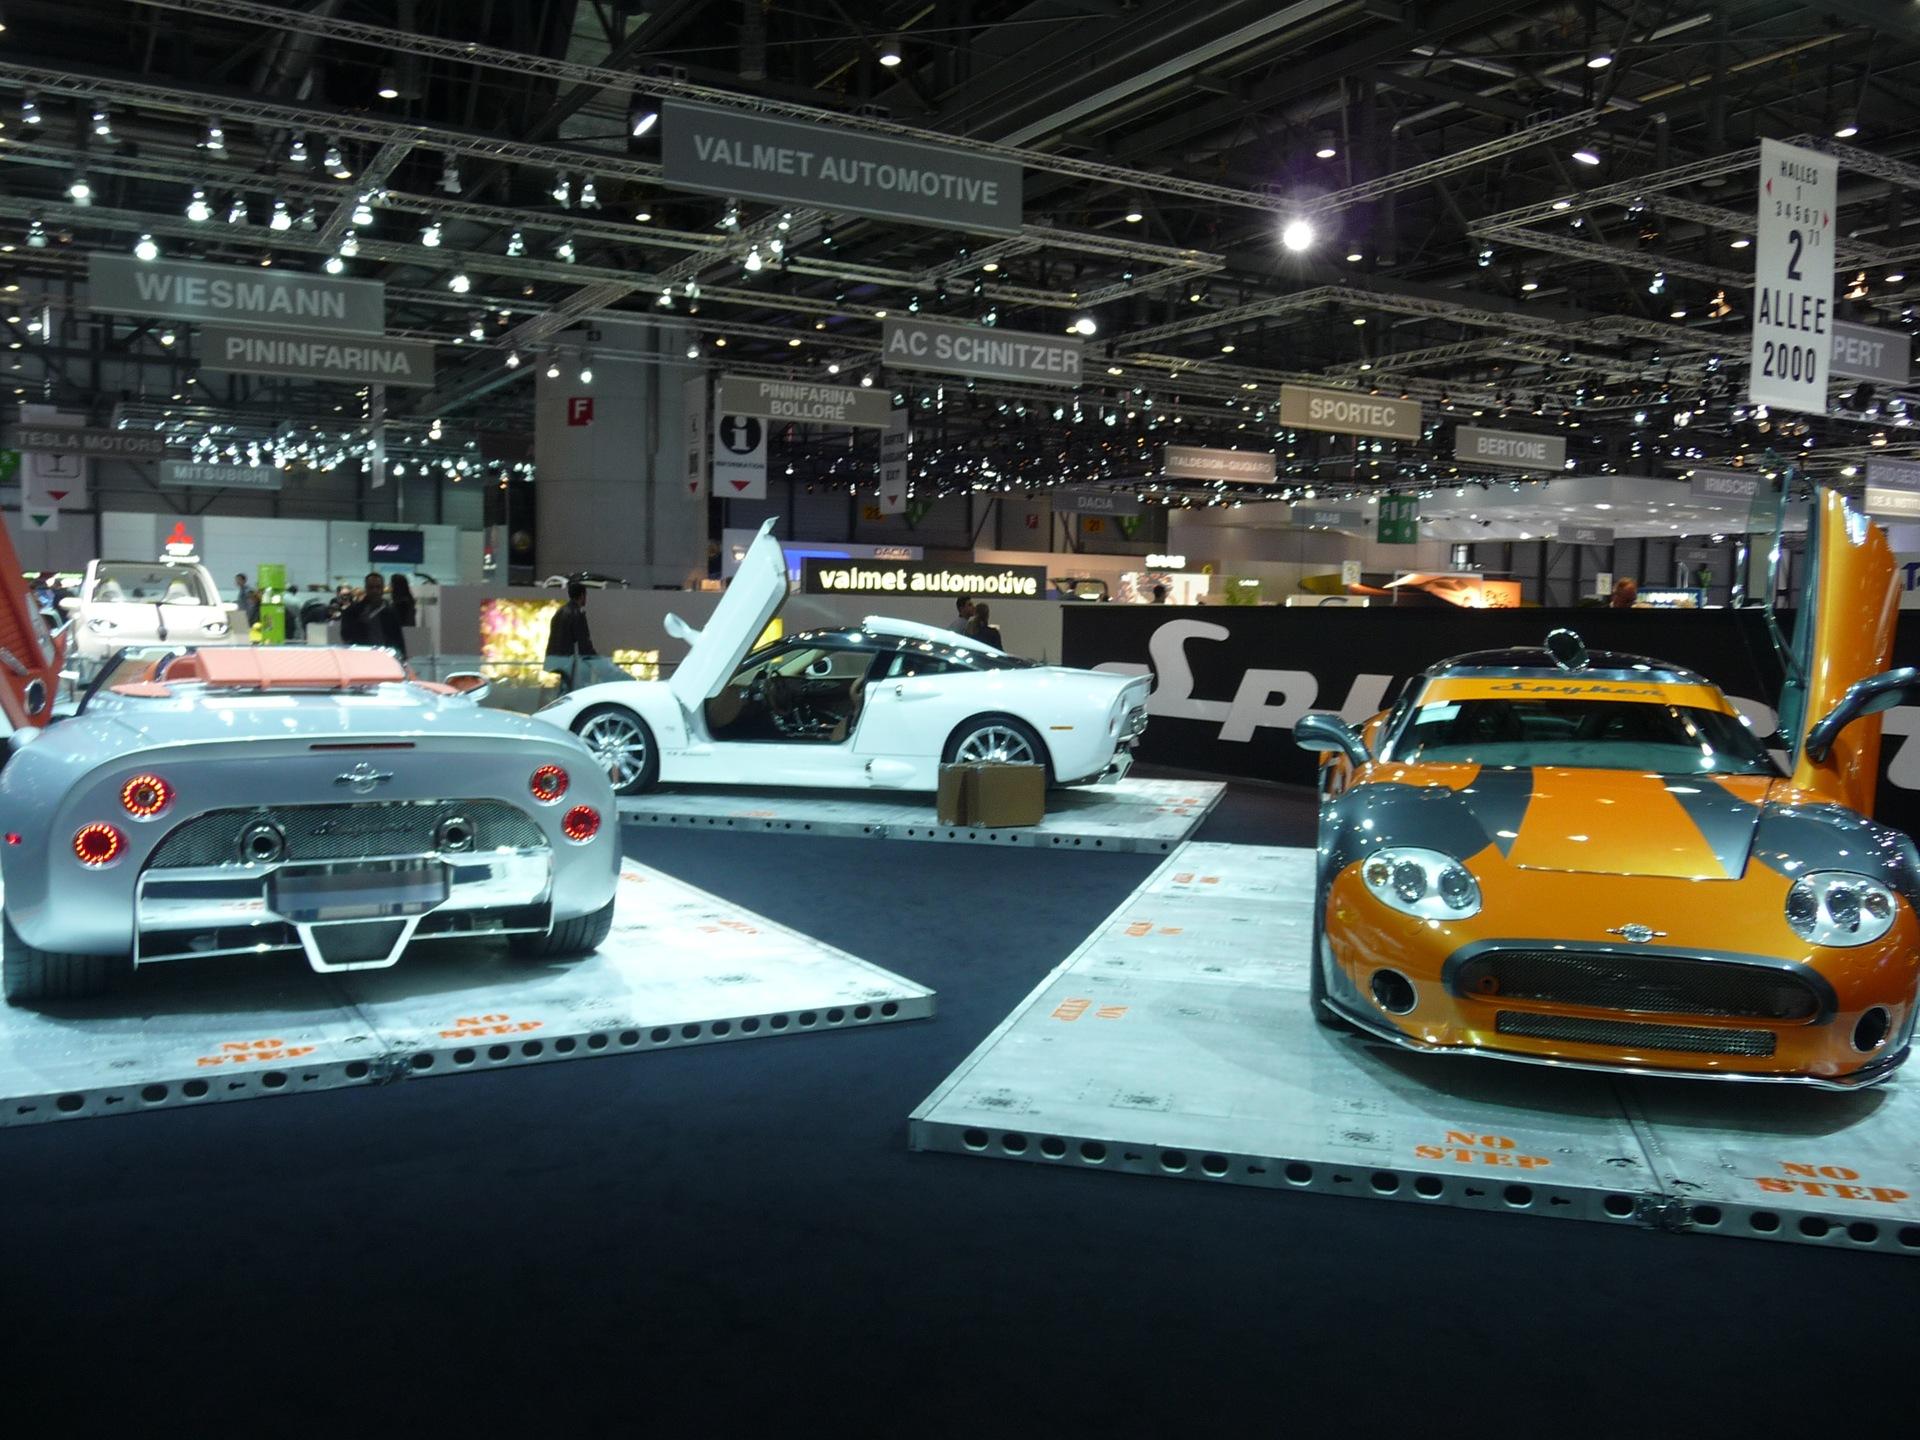 Женевский автосалон 2010(часть 2) — DRIVE2: https://www.drive2.ru/b/4062246863888256044/